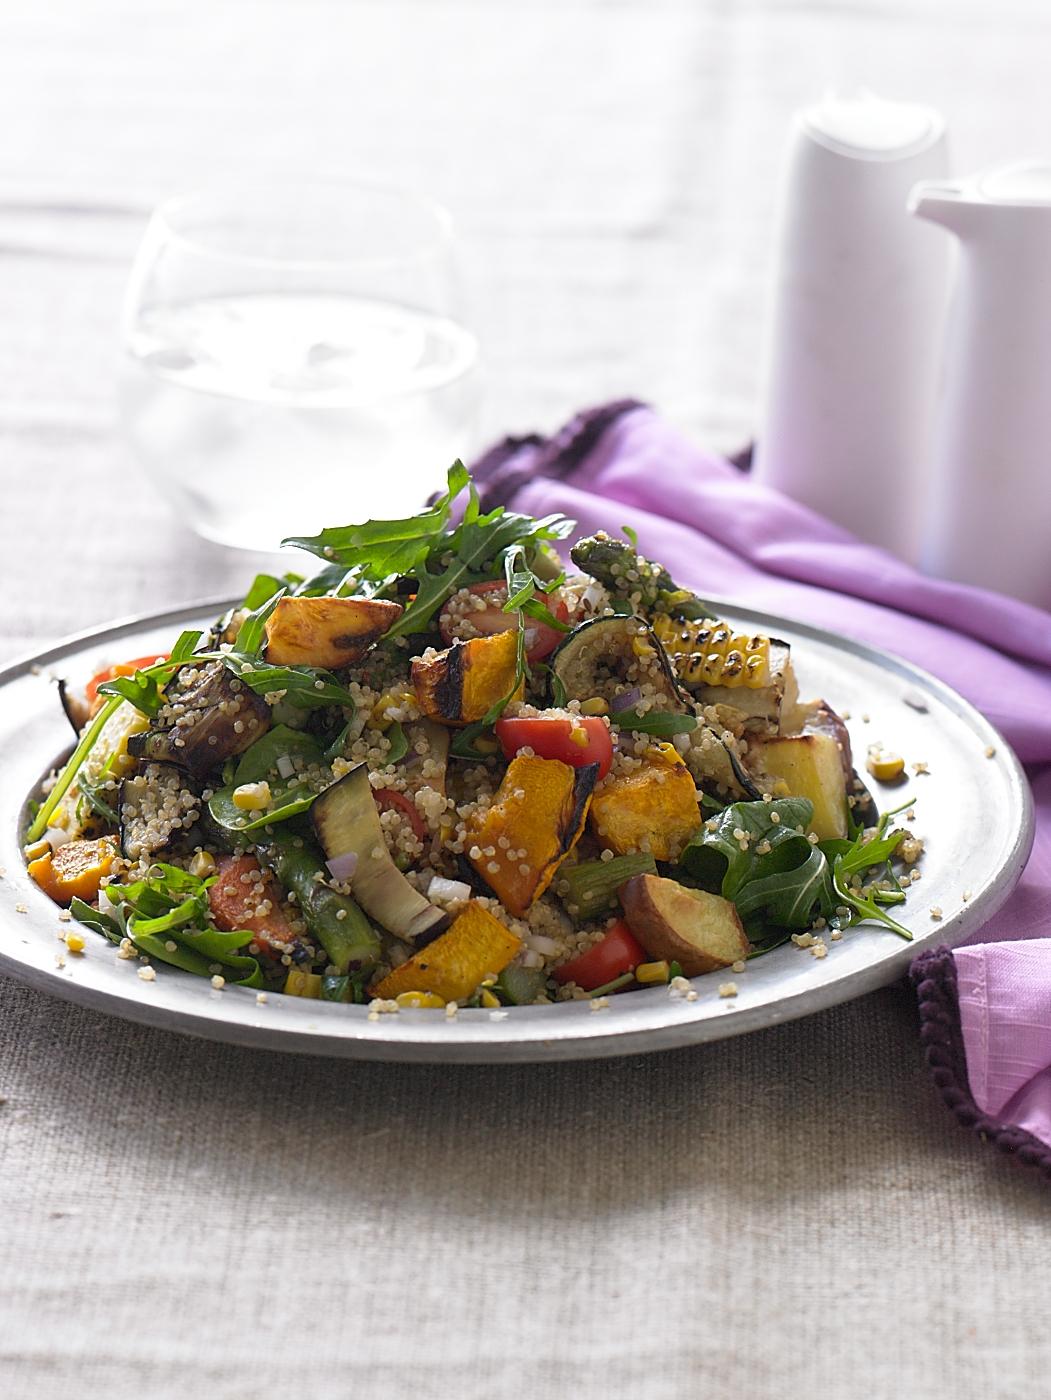 Annalise Braakensiek - Roast vegetable and quinoa salad.jpeg